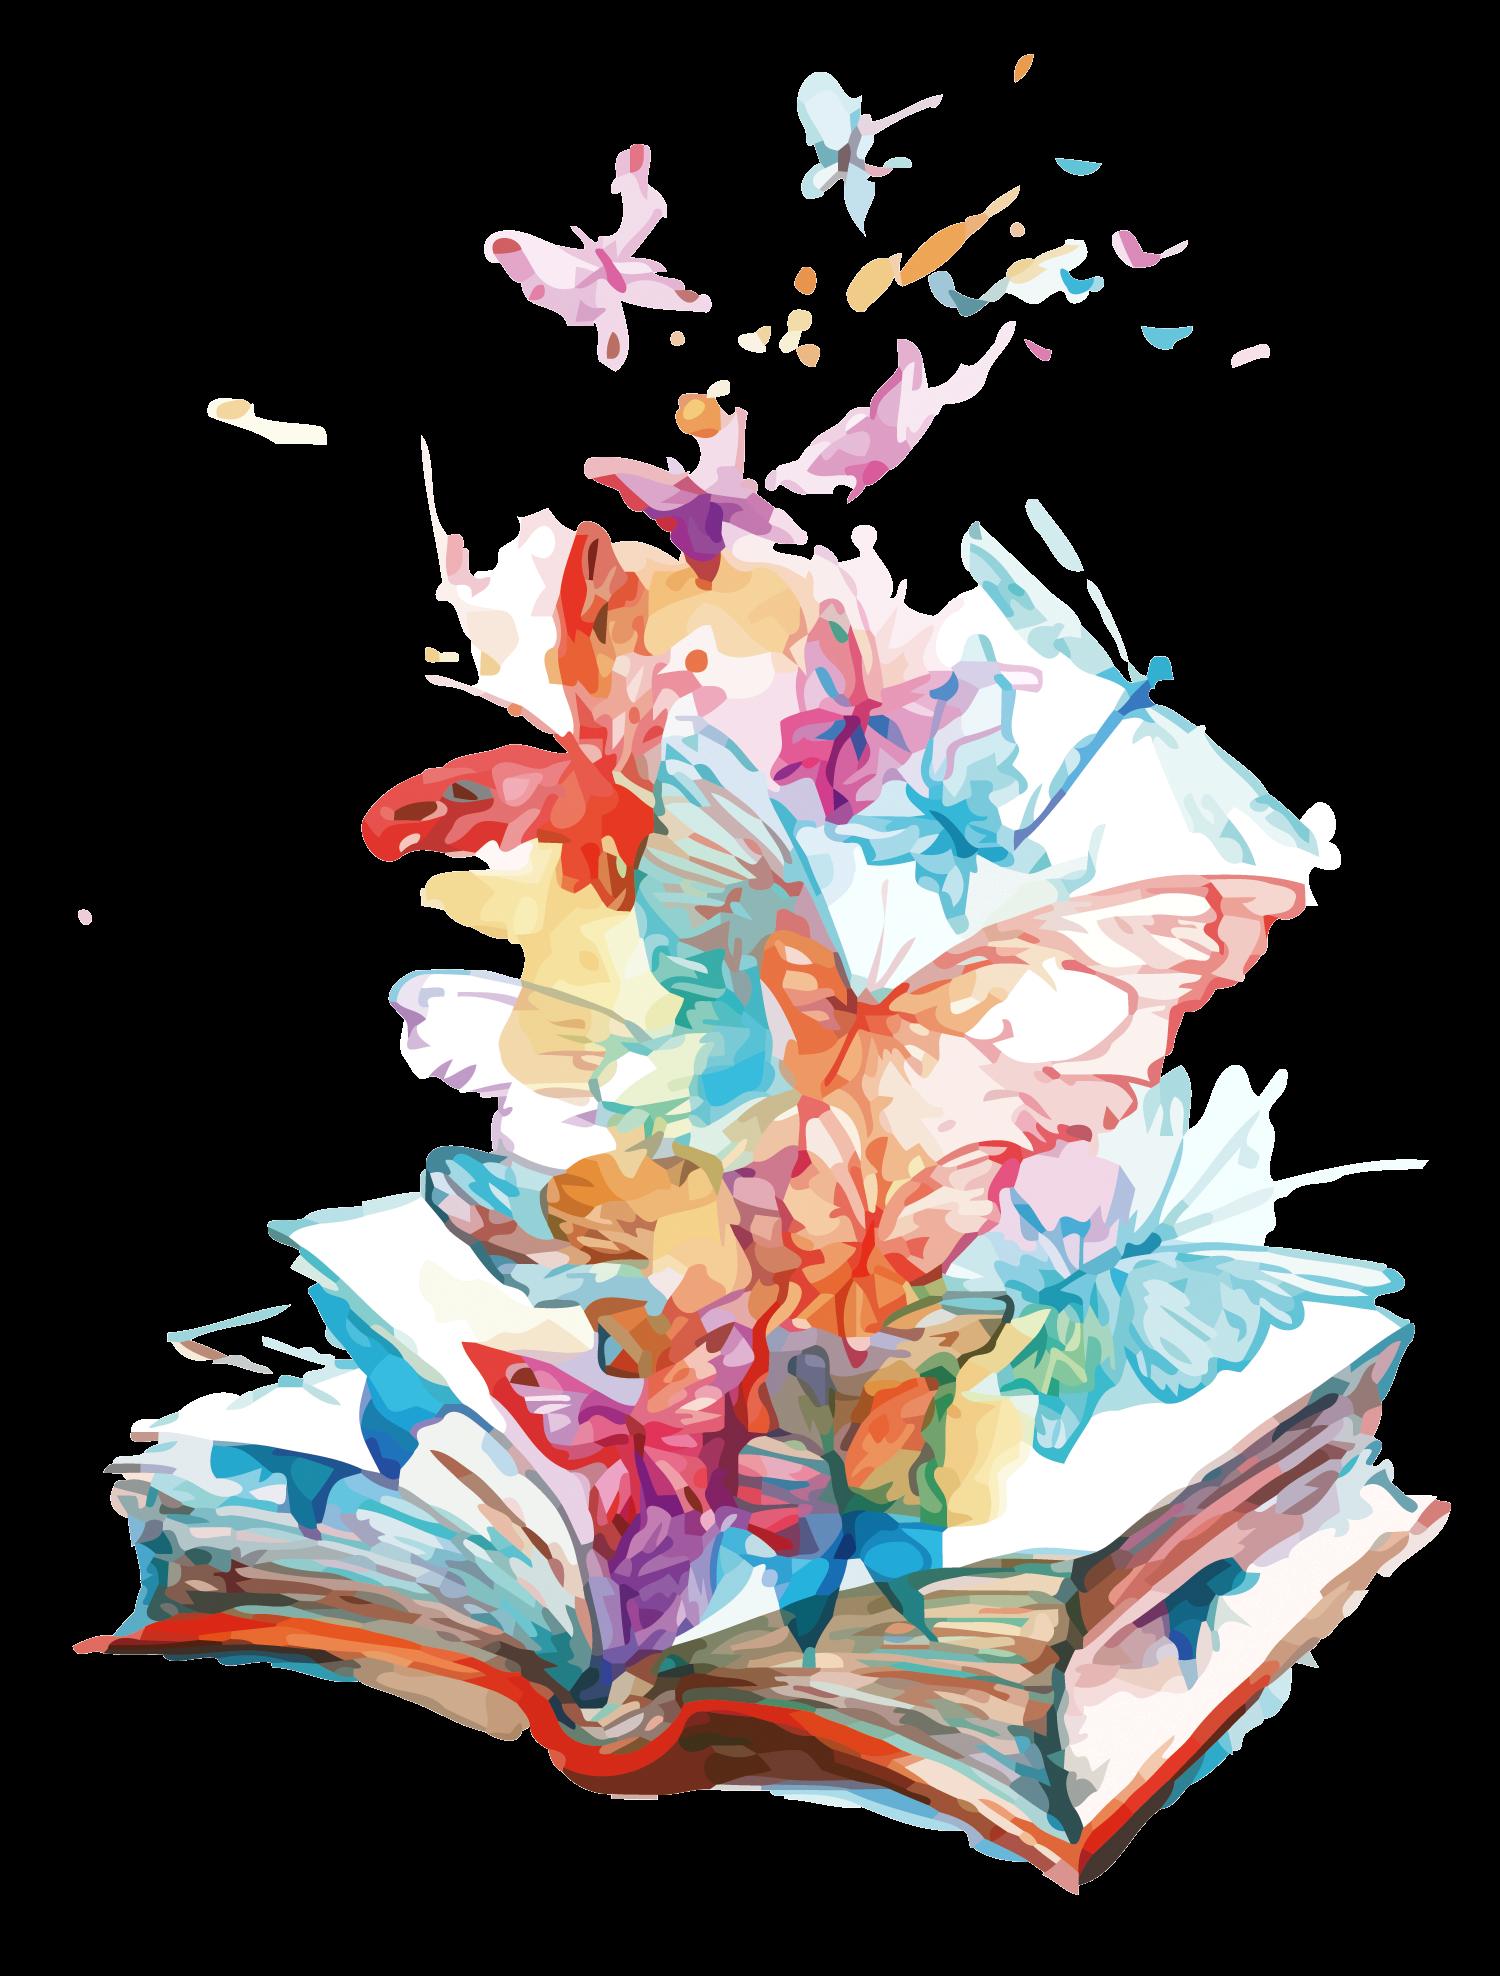 render libro con mariposas